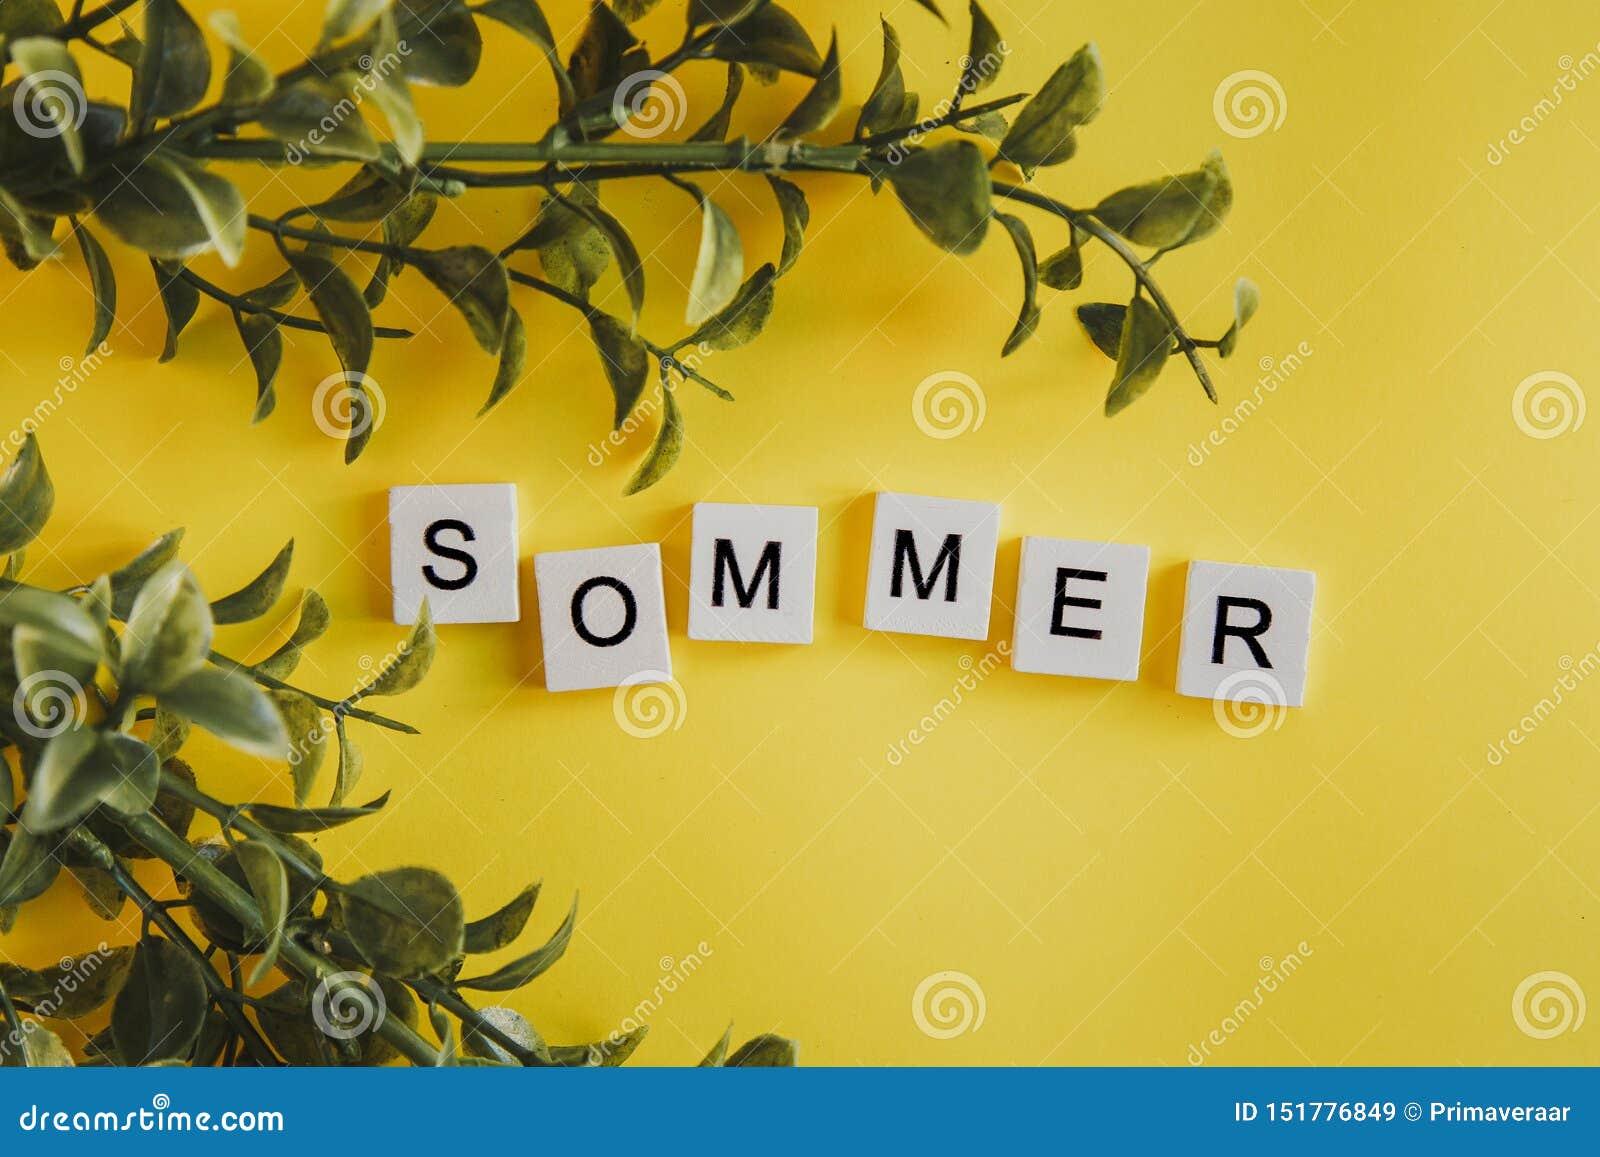 De inschrijving sommer in het Duits op de brieven van het toetsenbord op een gele achtergrond met bloemen